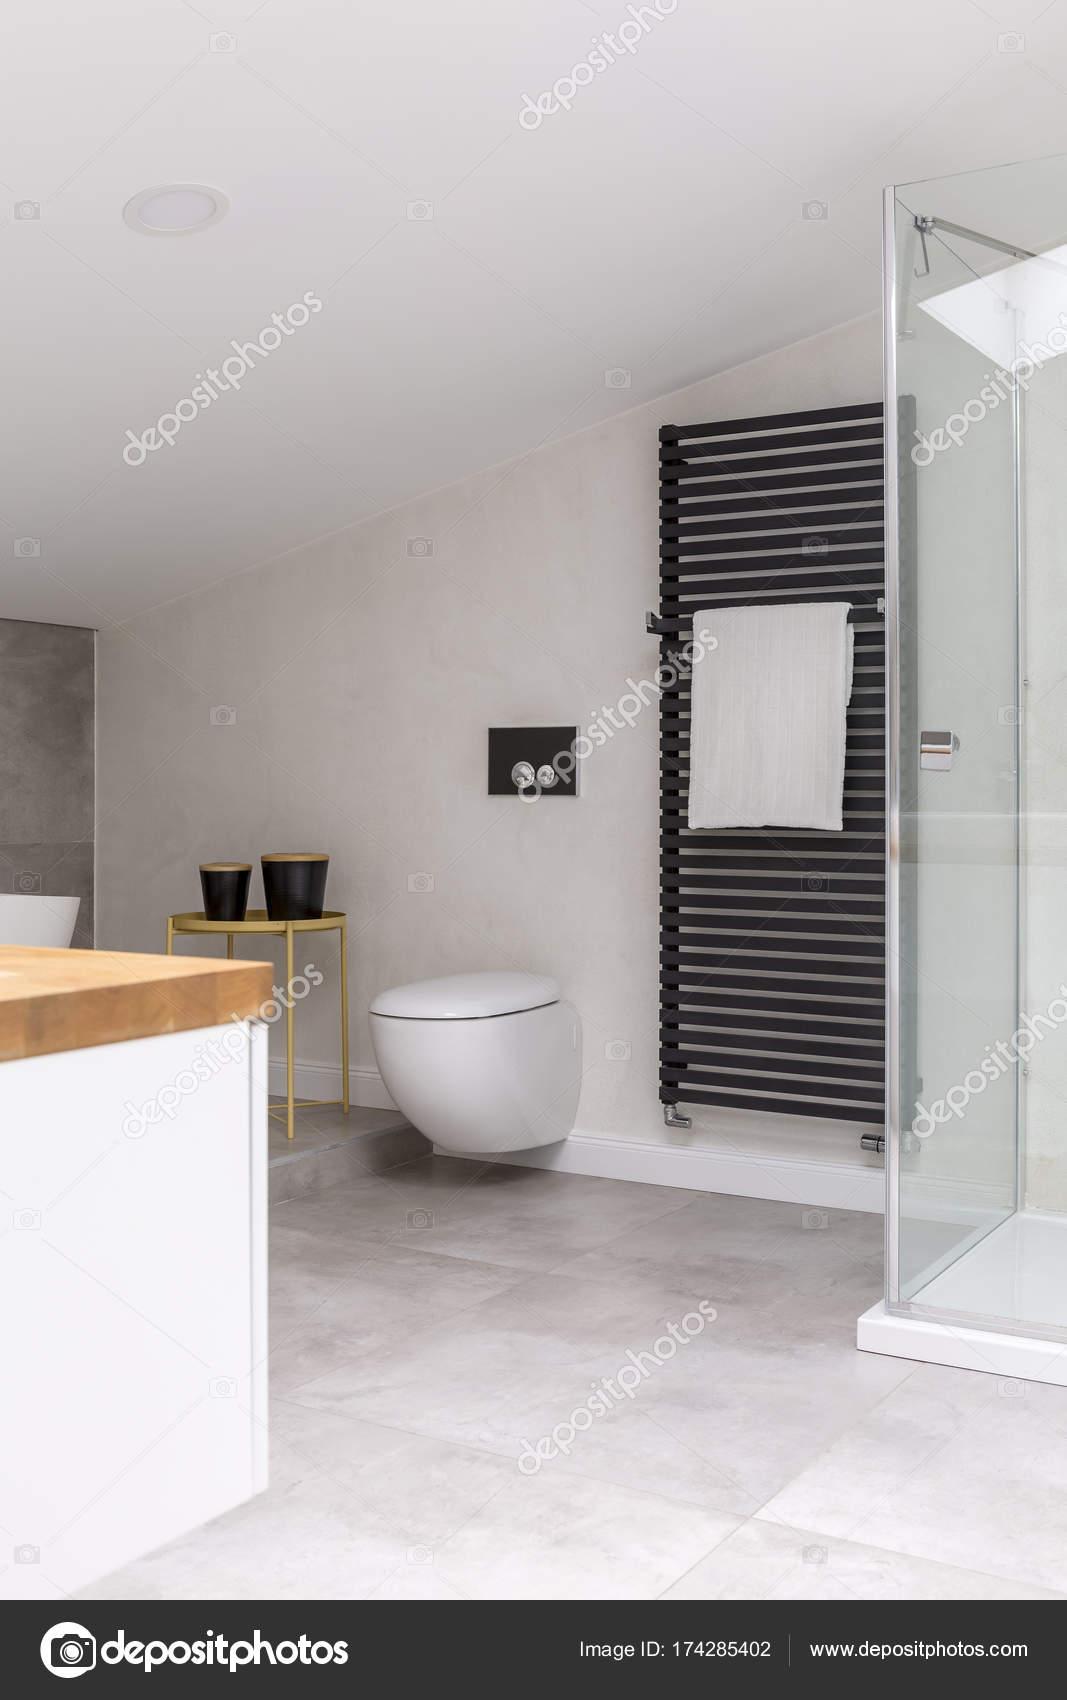 Einfache Elegante Badezimmer Im Dachgeschoss Mit Toilette, Waschbecken,  Schrank Und Handtuch Auf Schwarz Heizung U2014 Foto Von Photographee.eu